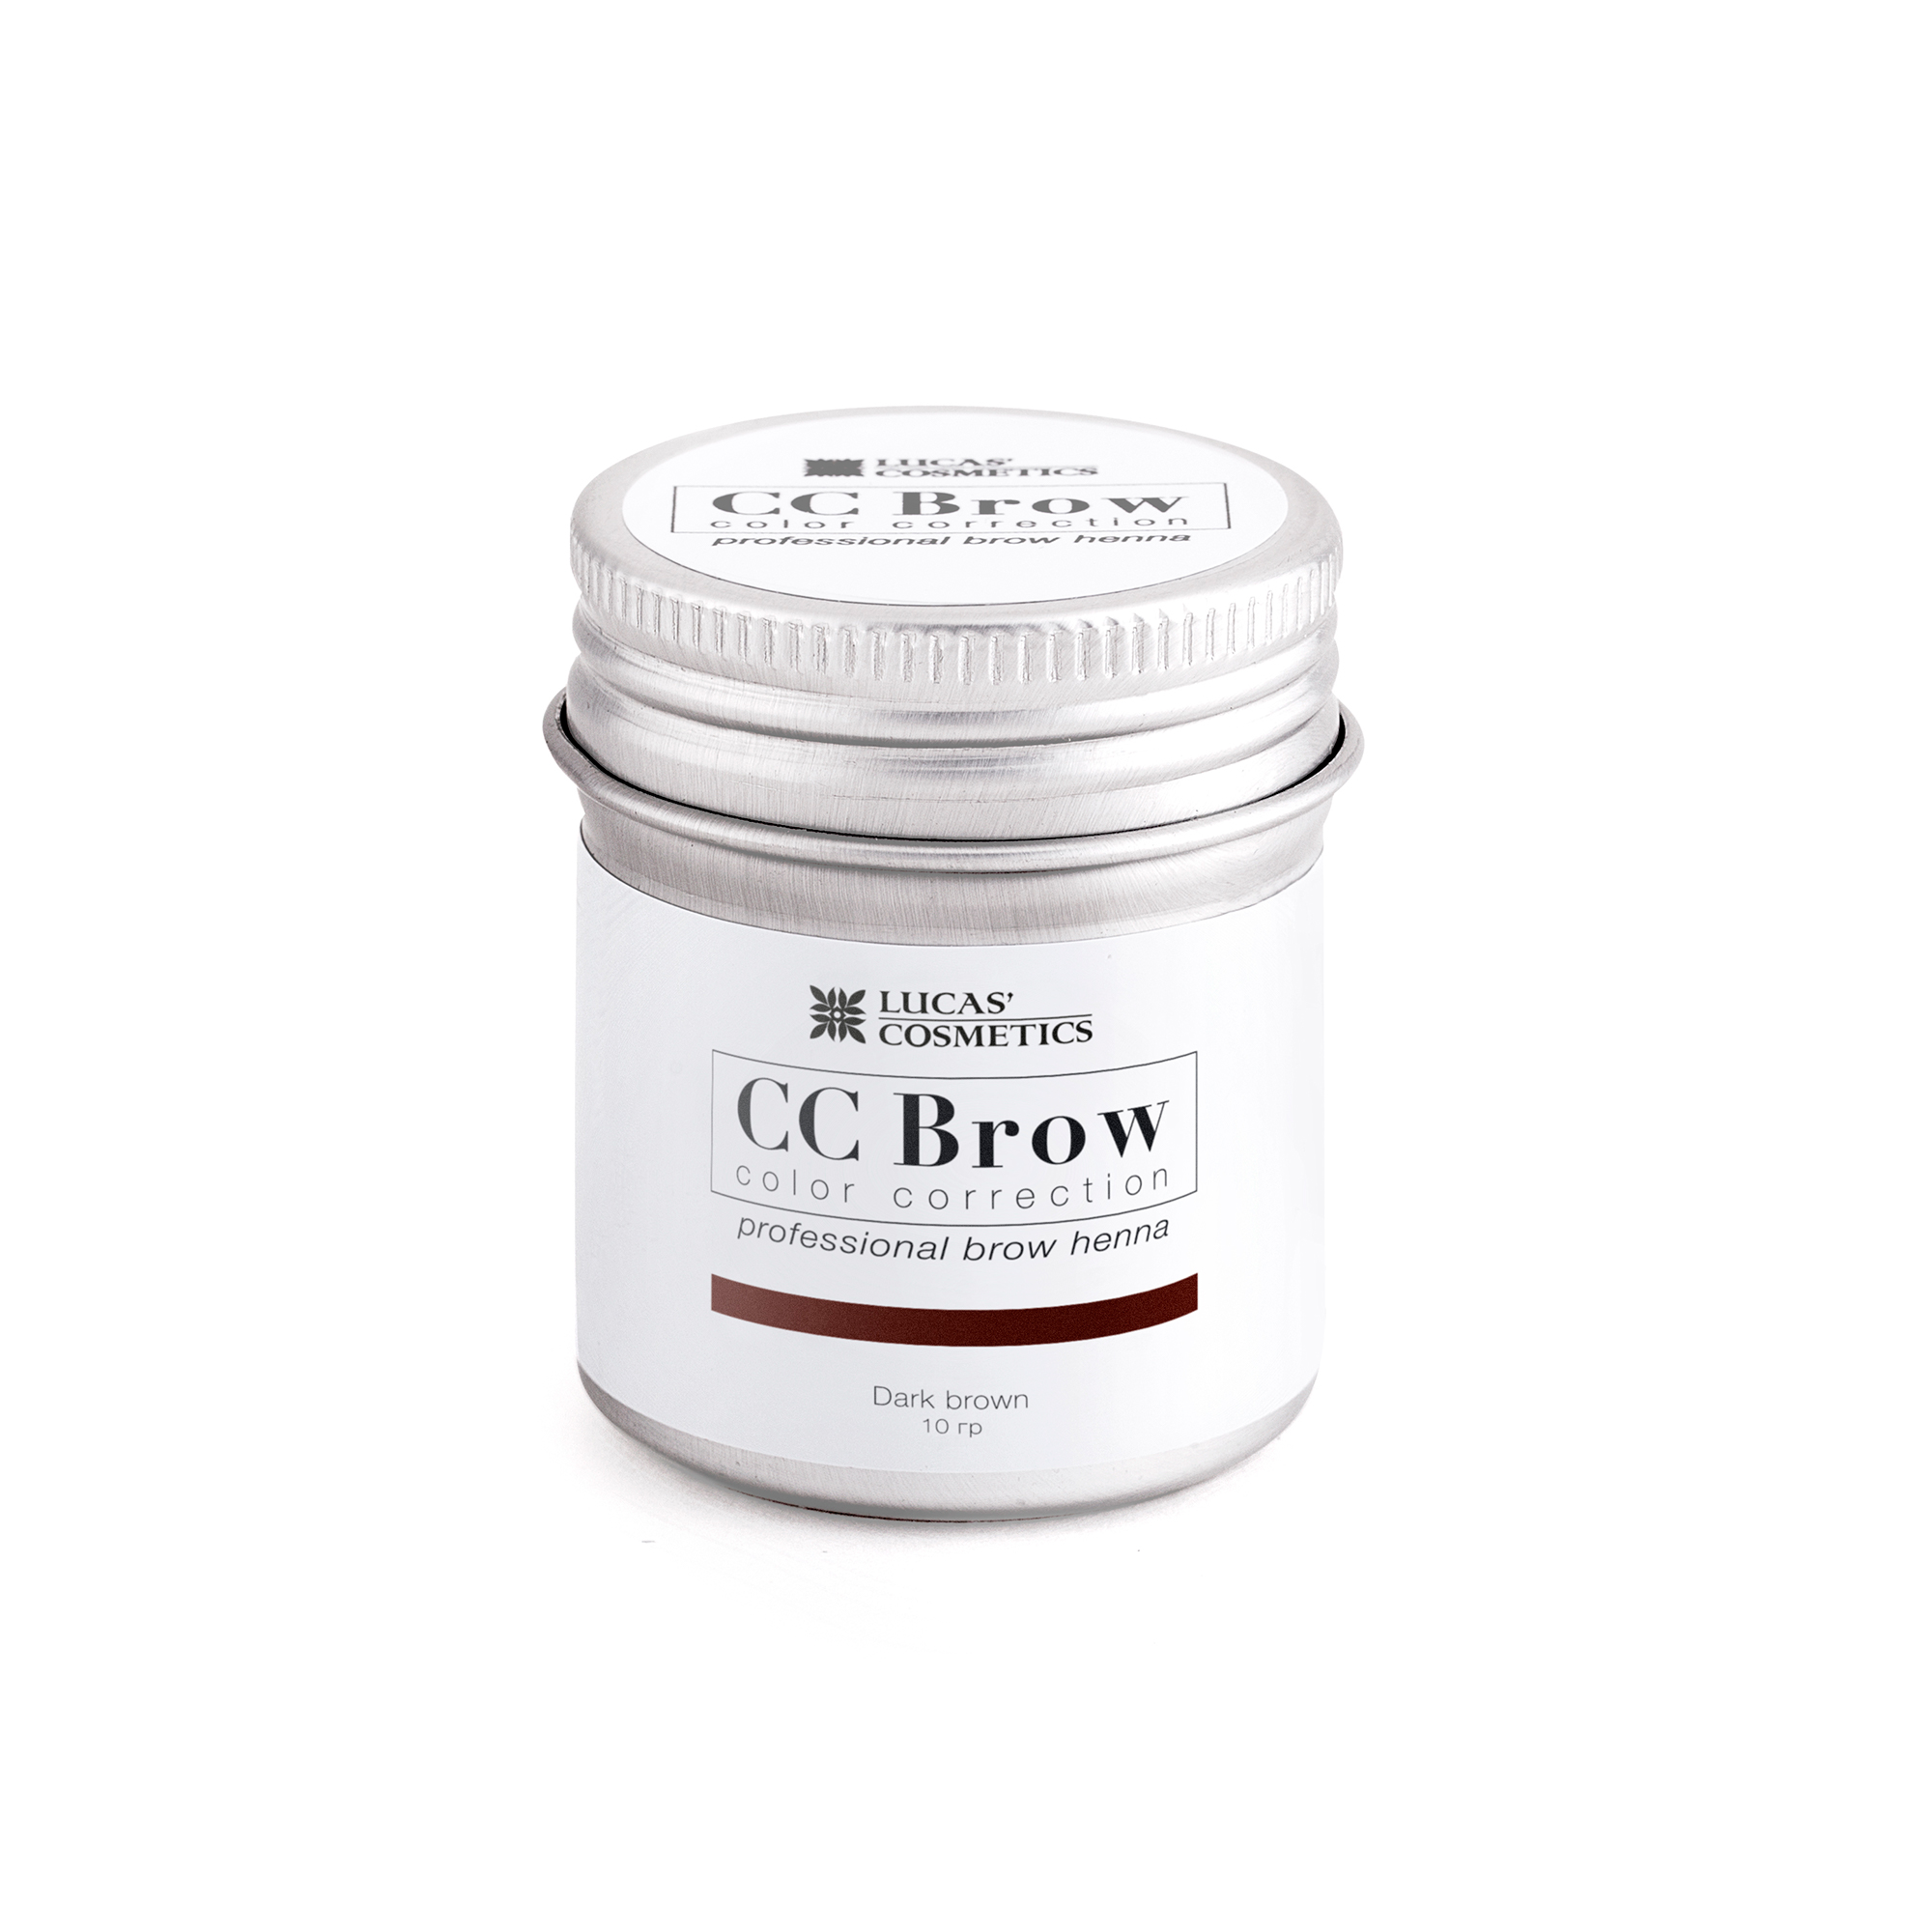 LUCAS' COSMETICS Хна для бровей, темно-коричневый (в баночке) / CC Brow dark brown 10 г